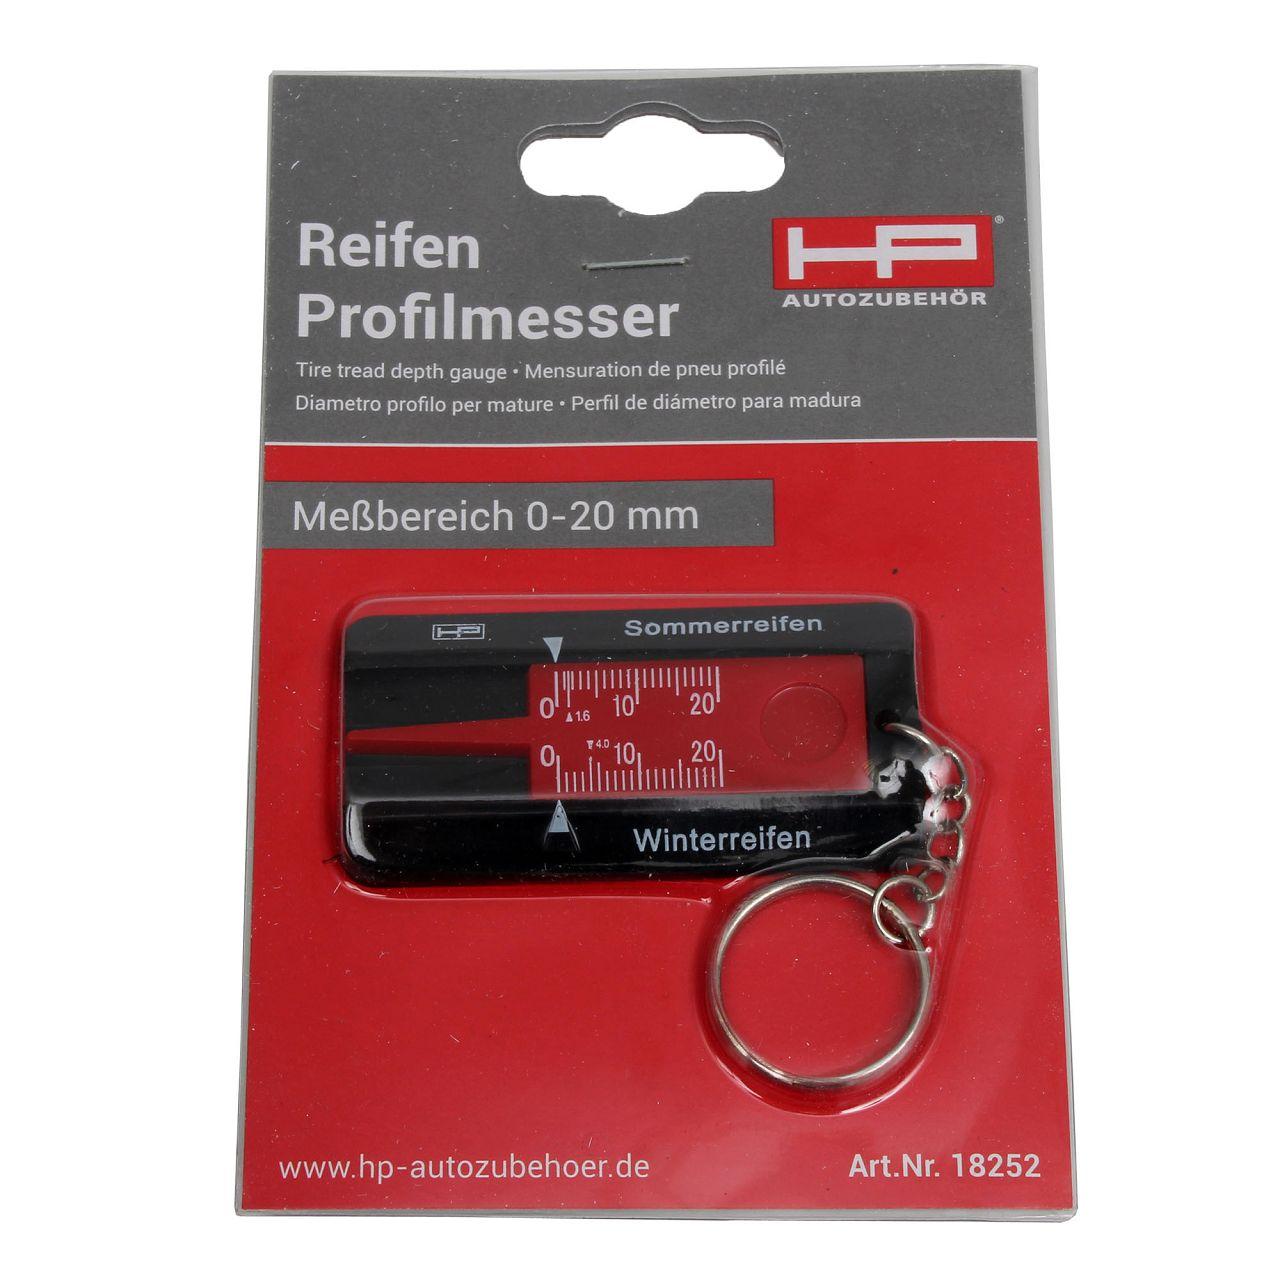 HP 18252 Reifen-Profilmesser Reifenprofilmesser Profiltiefenmesser